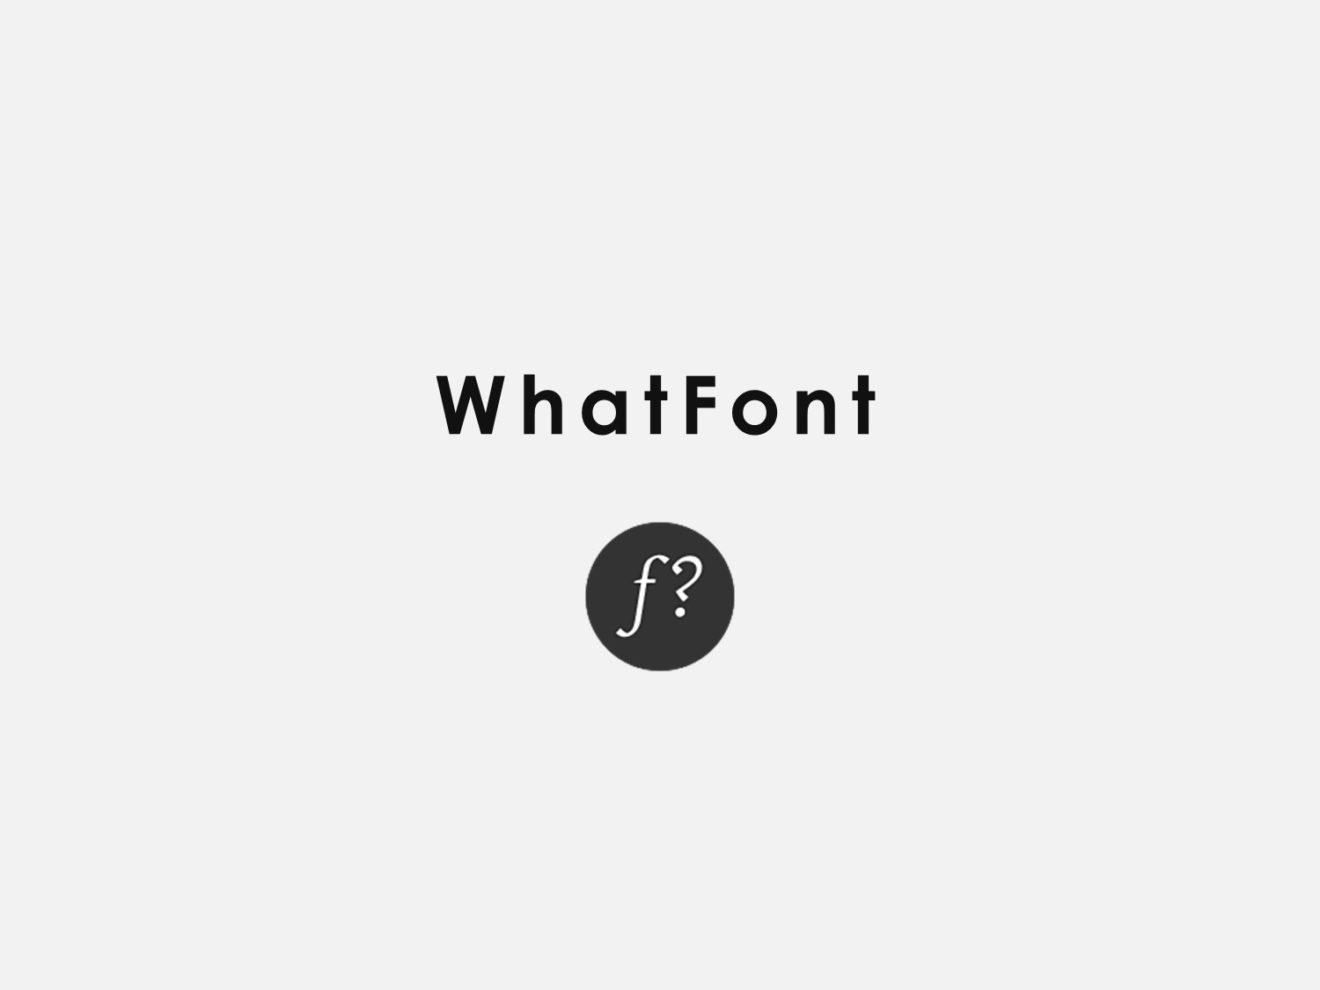 Whatfont-f I